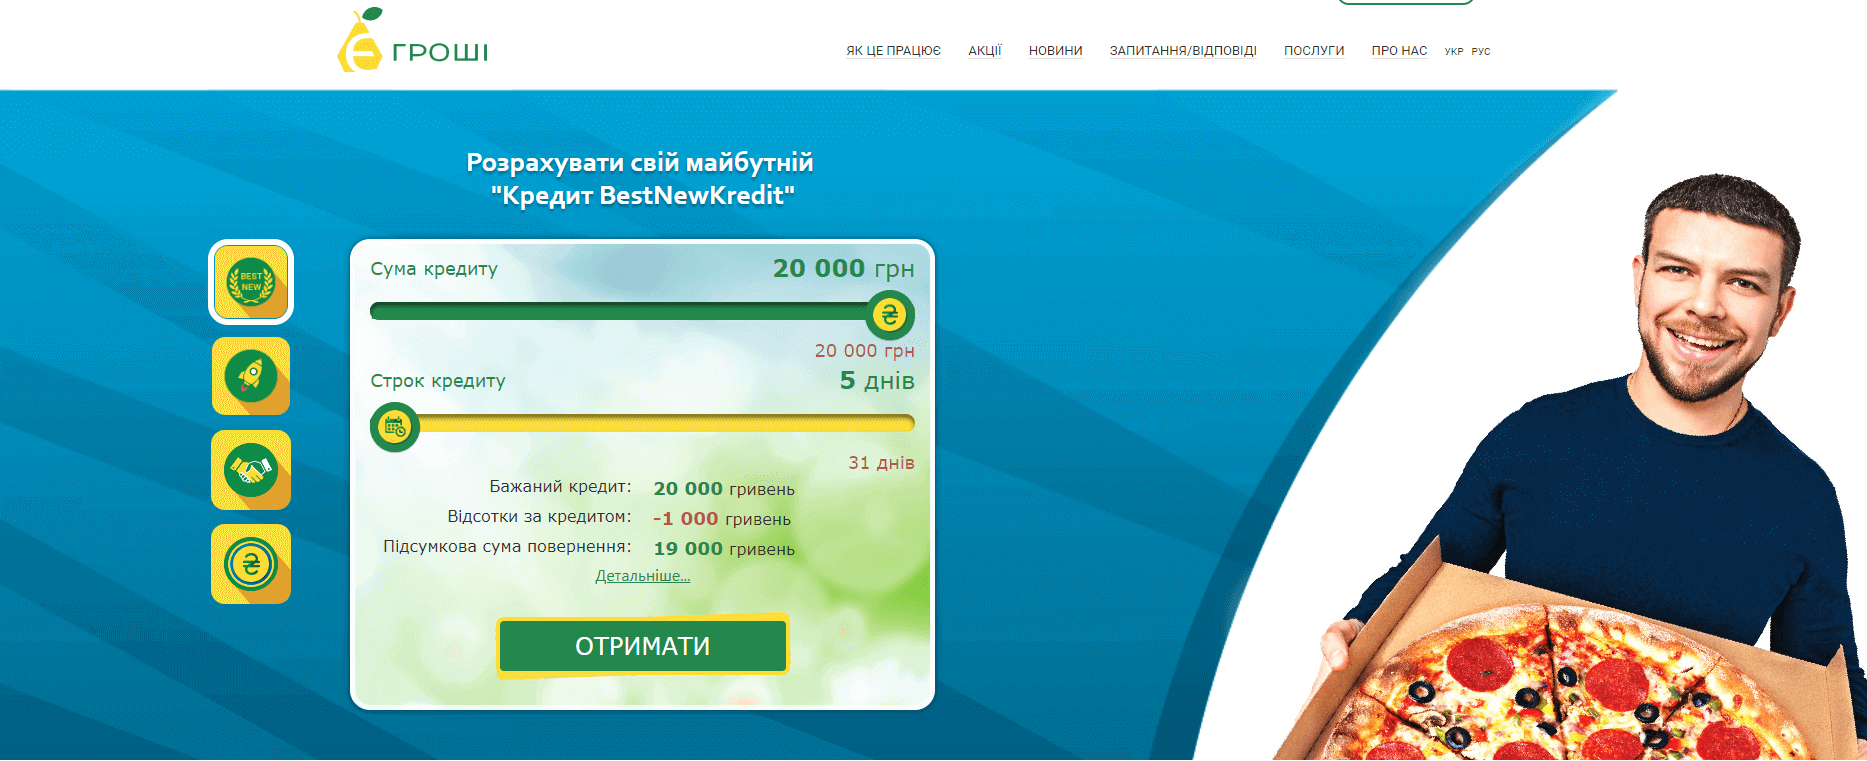 кредит за минуту онлайн io